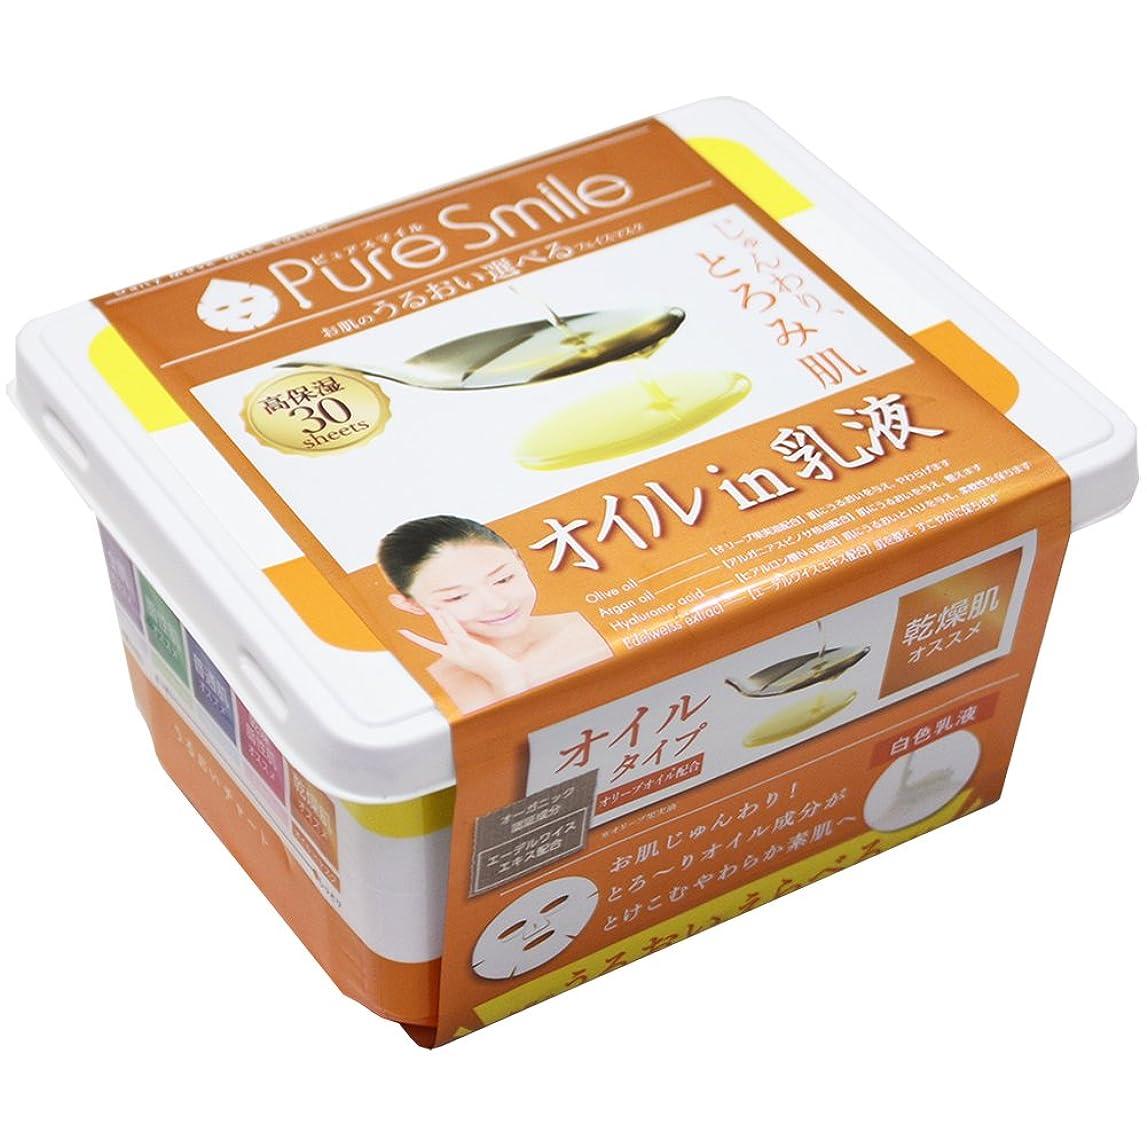 一月リストブレンドPureSmile(ピュアスマイル) フェイスパック エッセンスマスク 30枚セット オイルin乳液?3S05